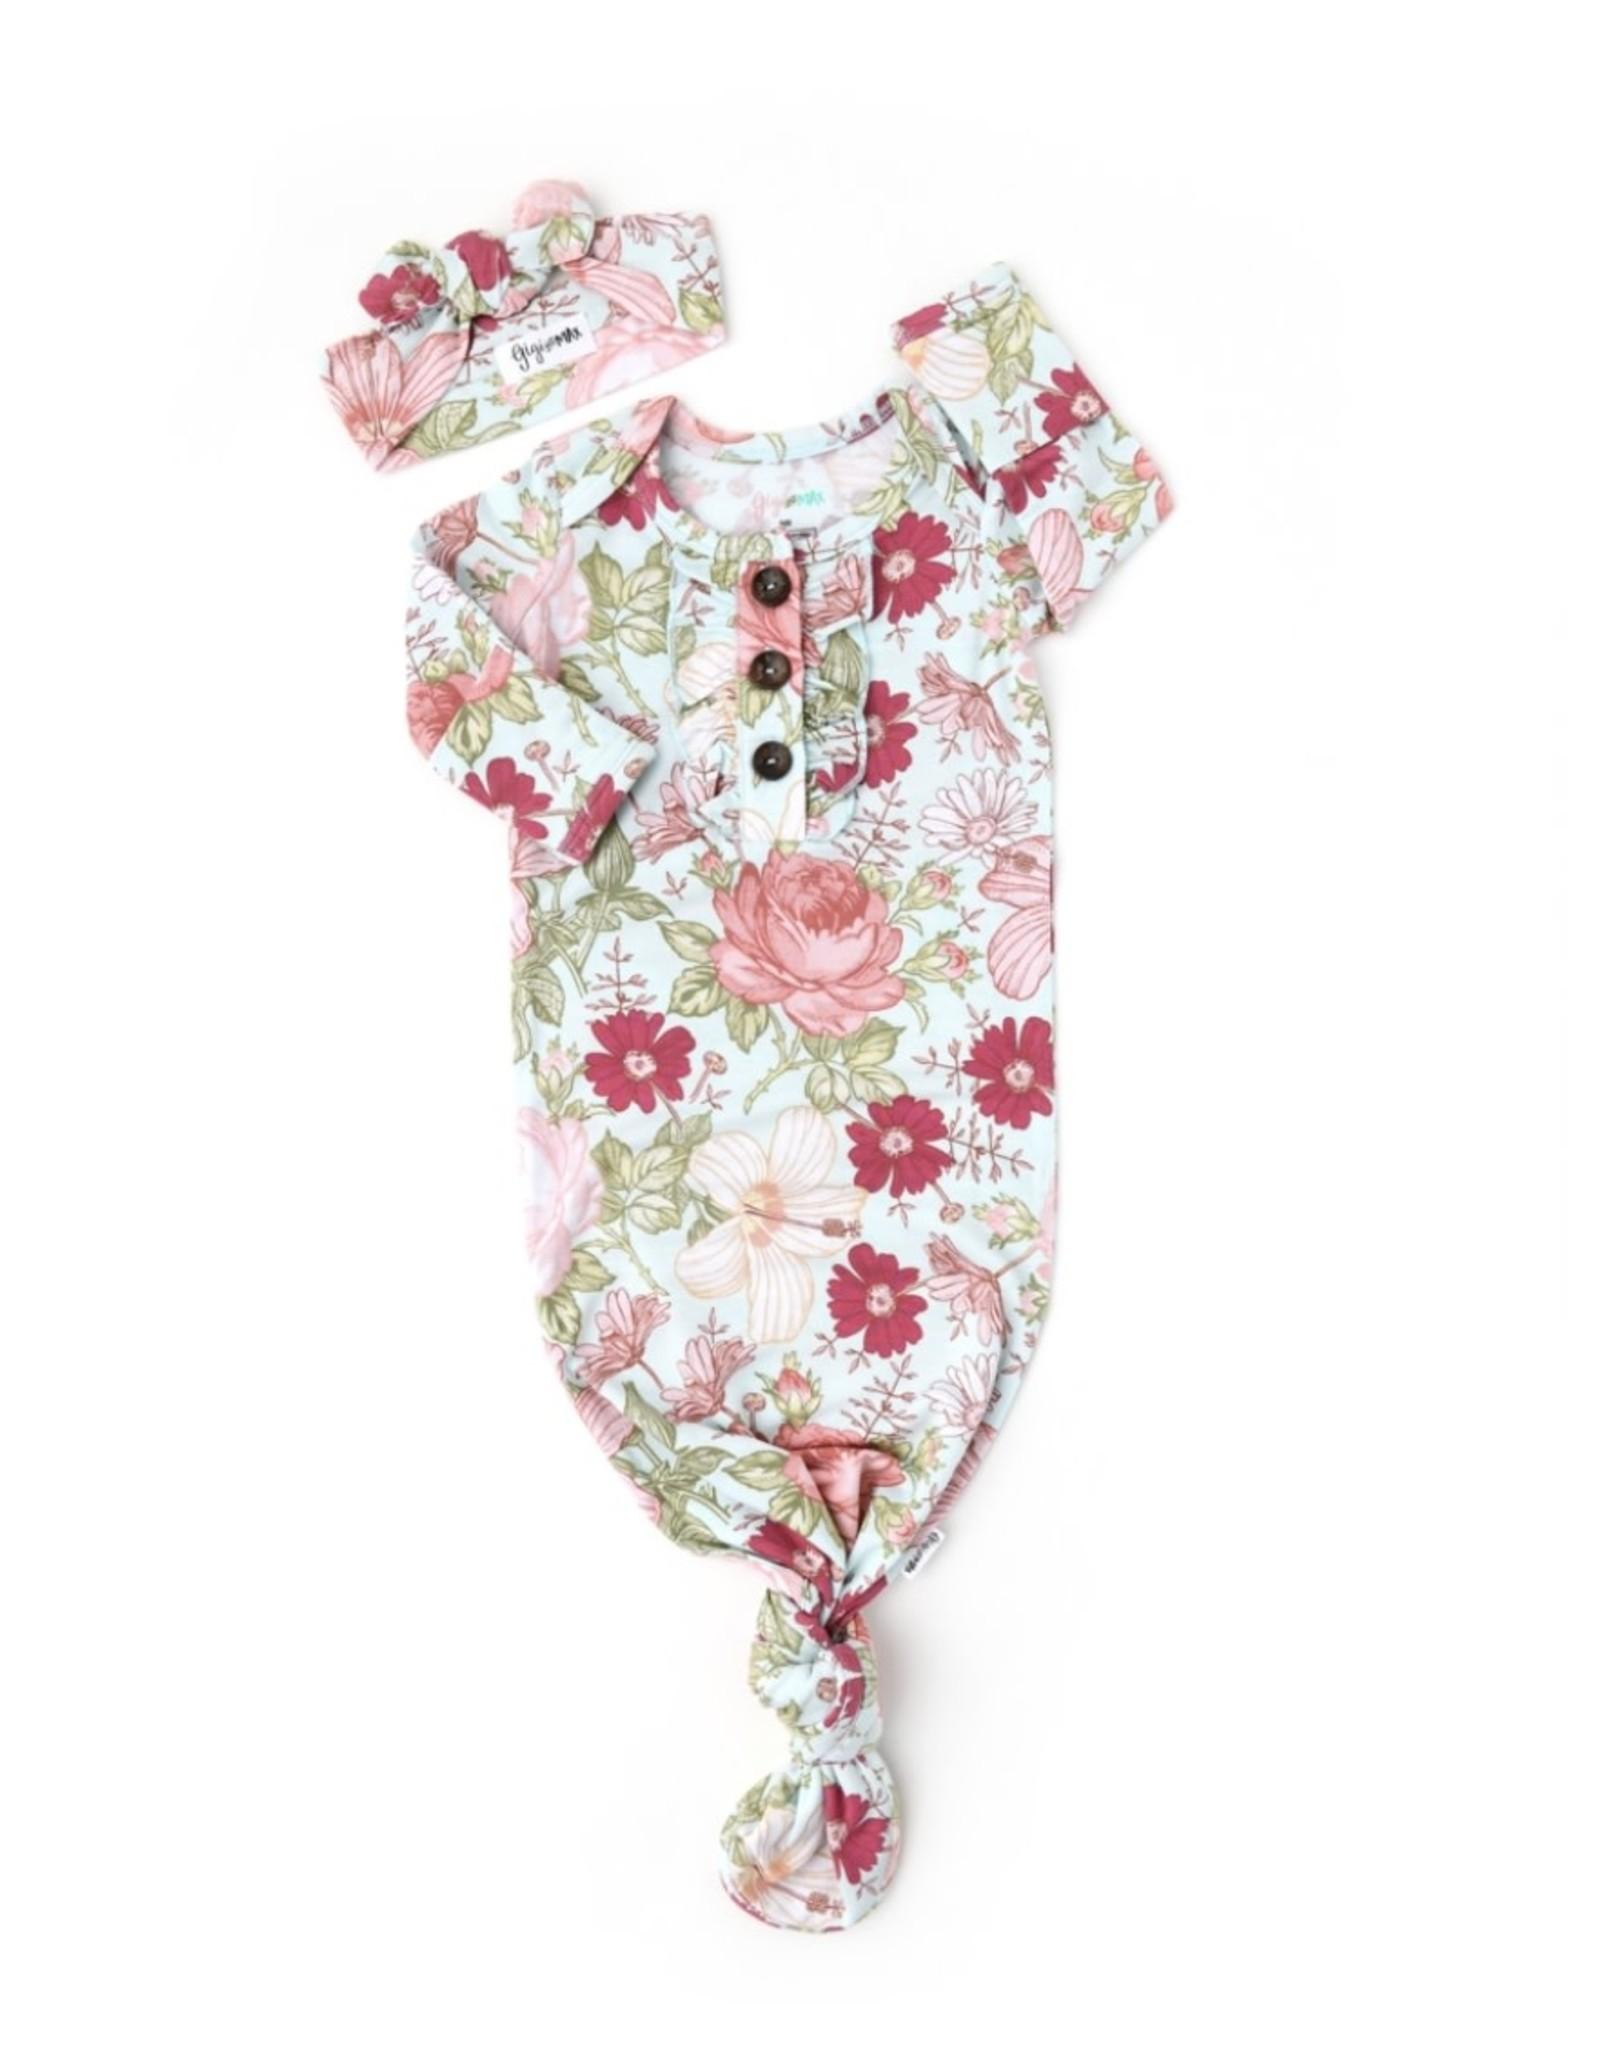 Gigi & Max Gigi & Max- Sutton Floral Ruffle Gown & Headband Set